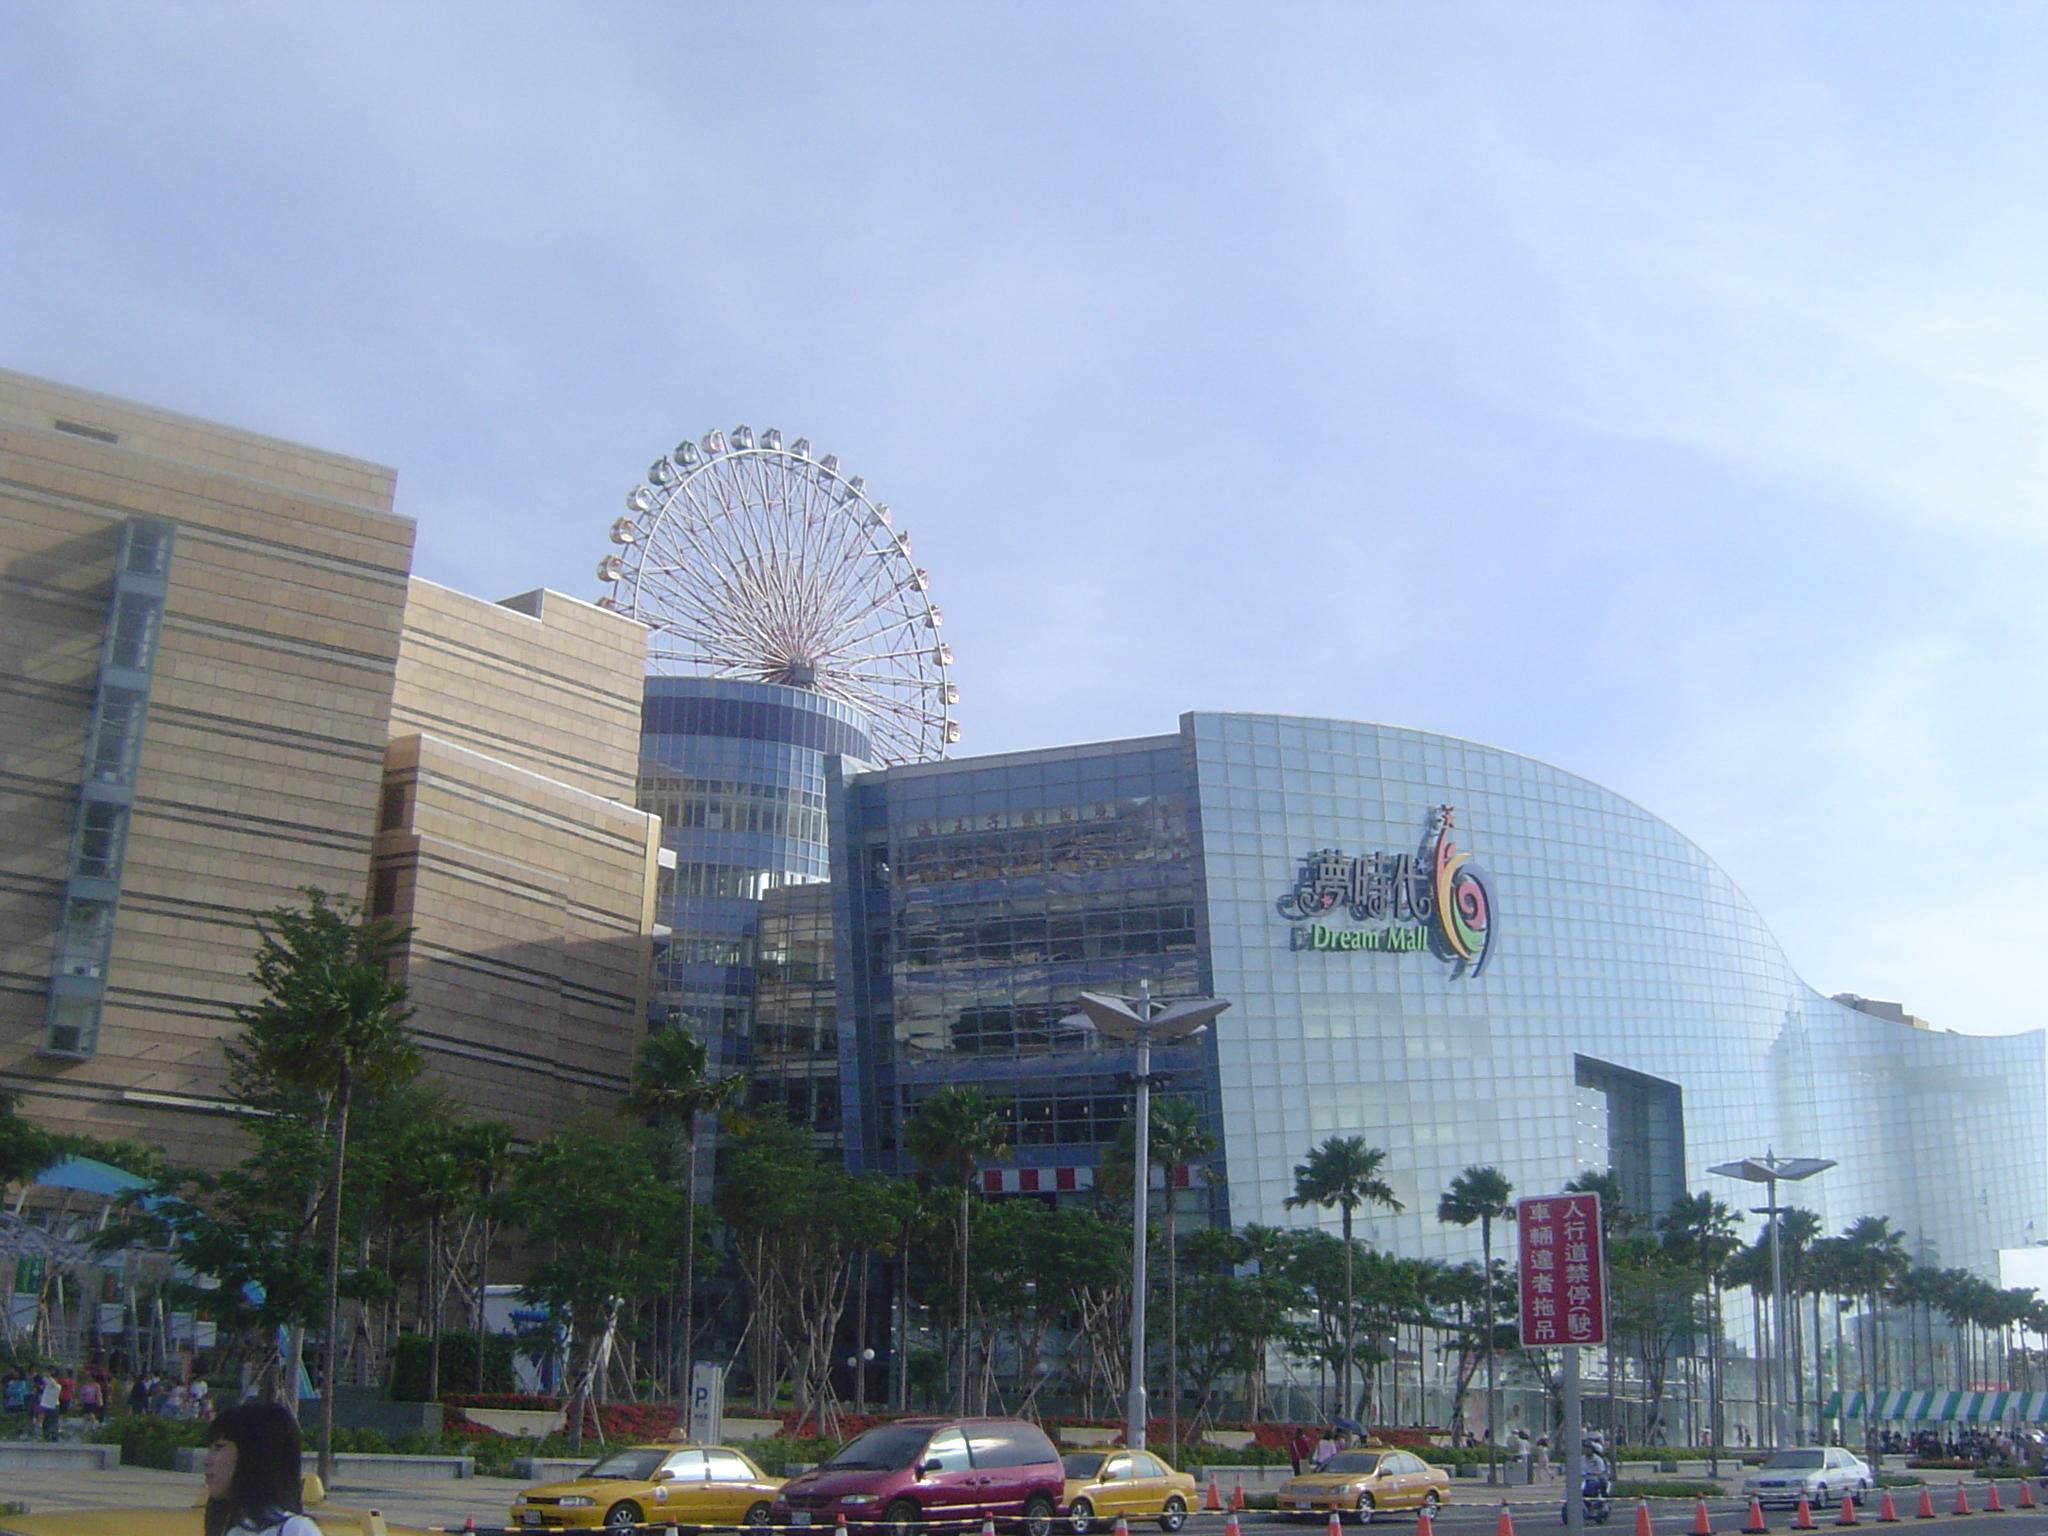 Dream Mall - Wikipedia